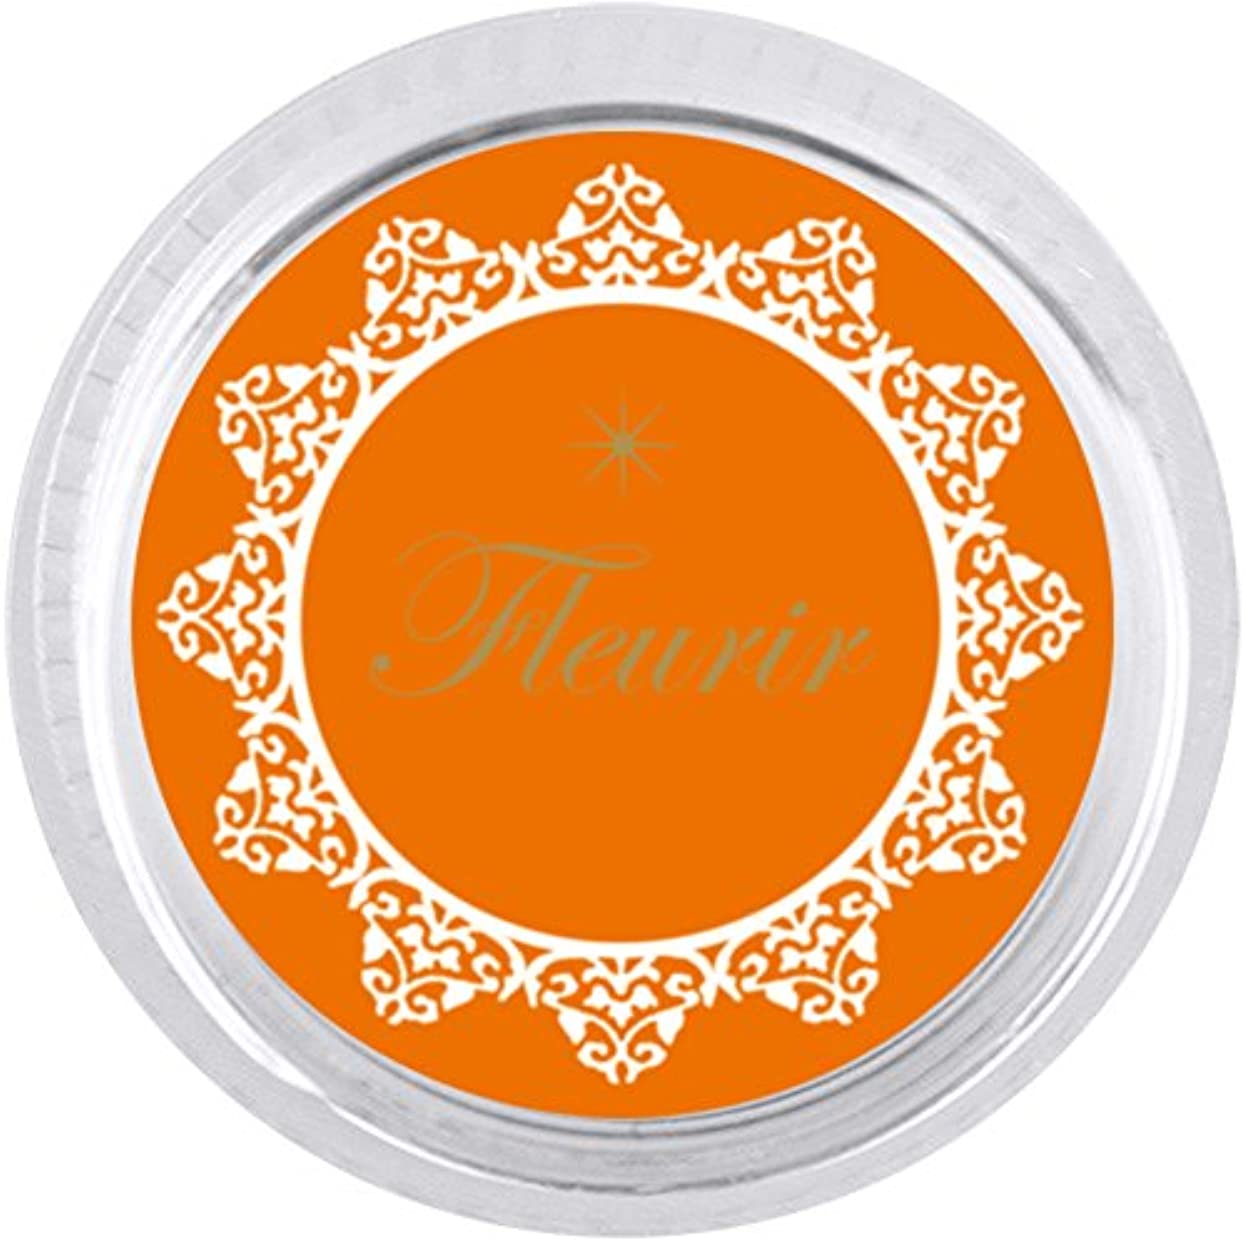 ペインティング息切れ受粉者カラーパウダー オレンジ